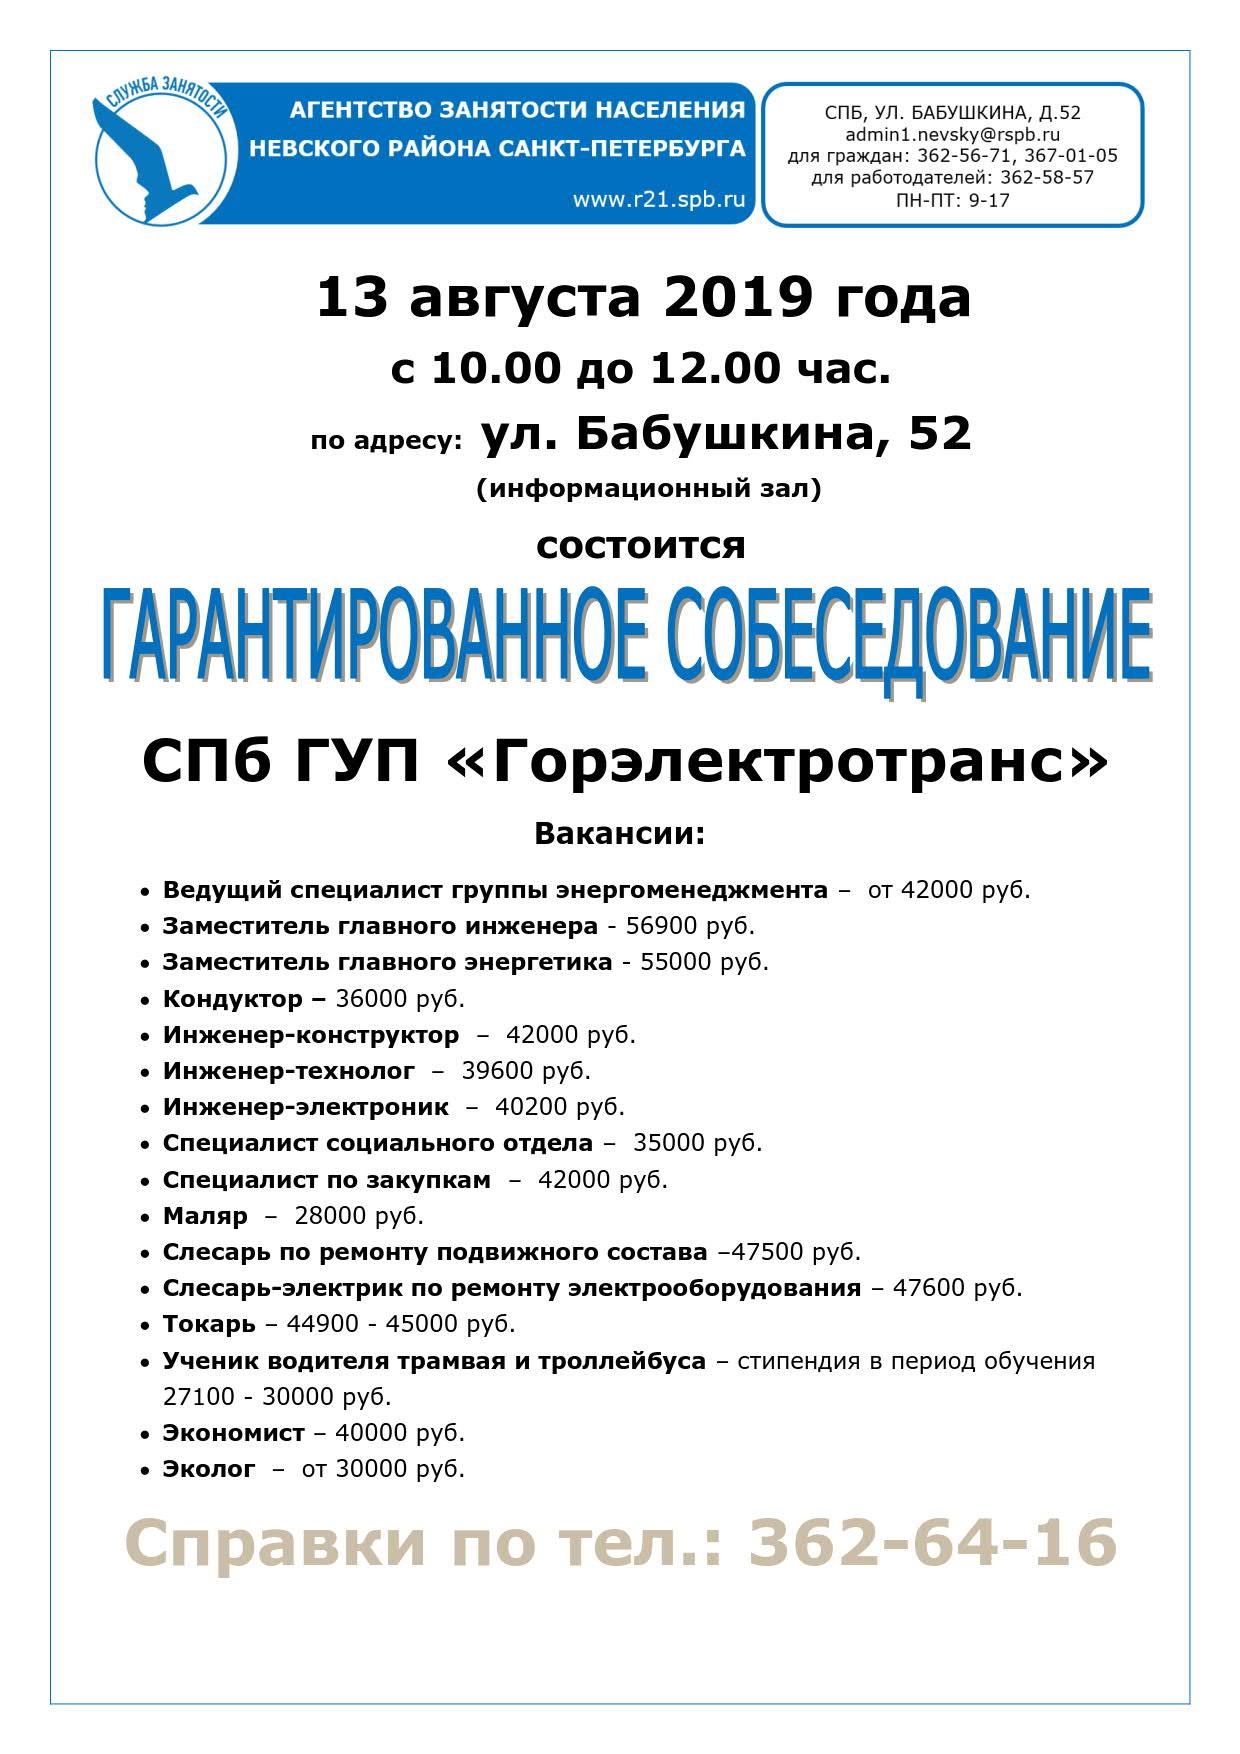 объявление ГС 13.08.2019 горэлектротранс_1